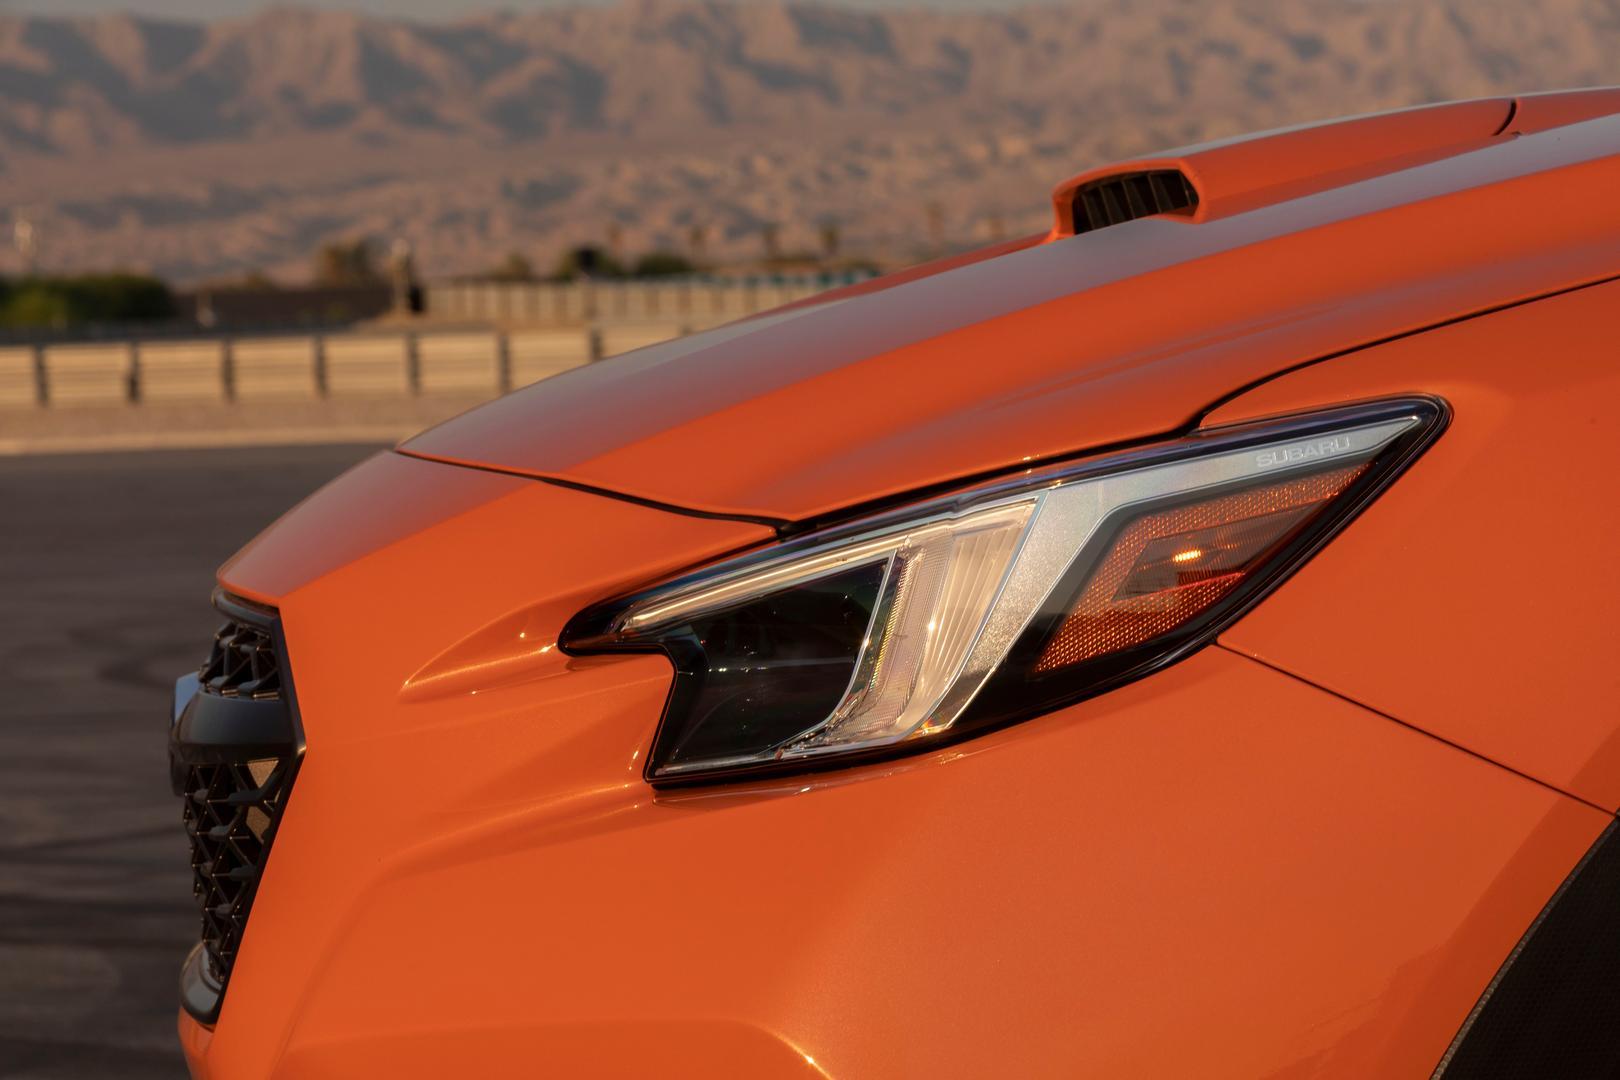 2022 Subaru WRX Headlights